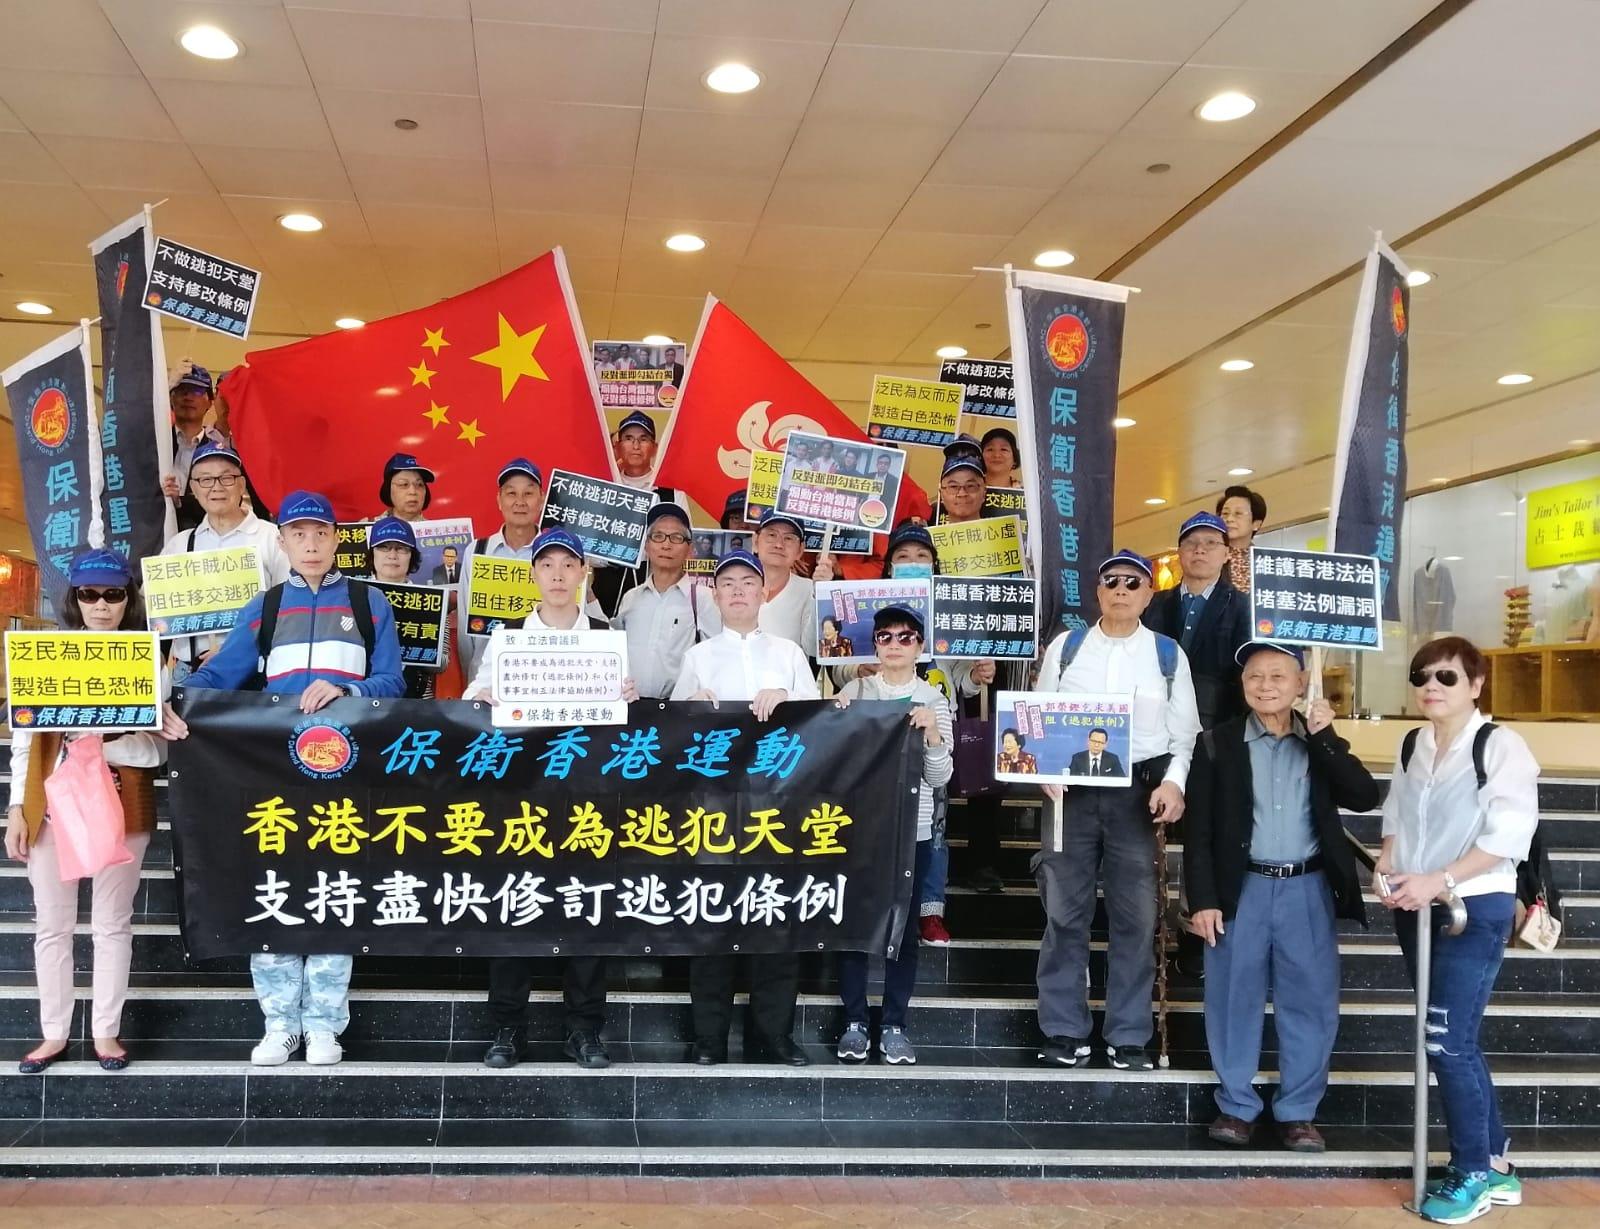 保衛香港運動 主辦「支持修改逃犯條例」遊行集會-華發網繁體版